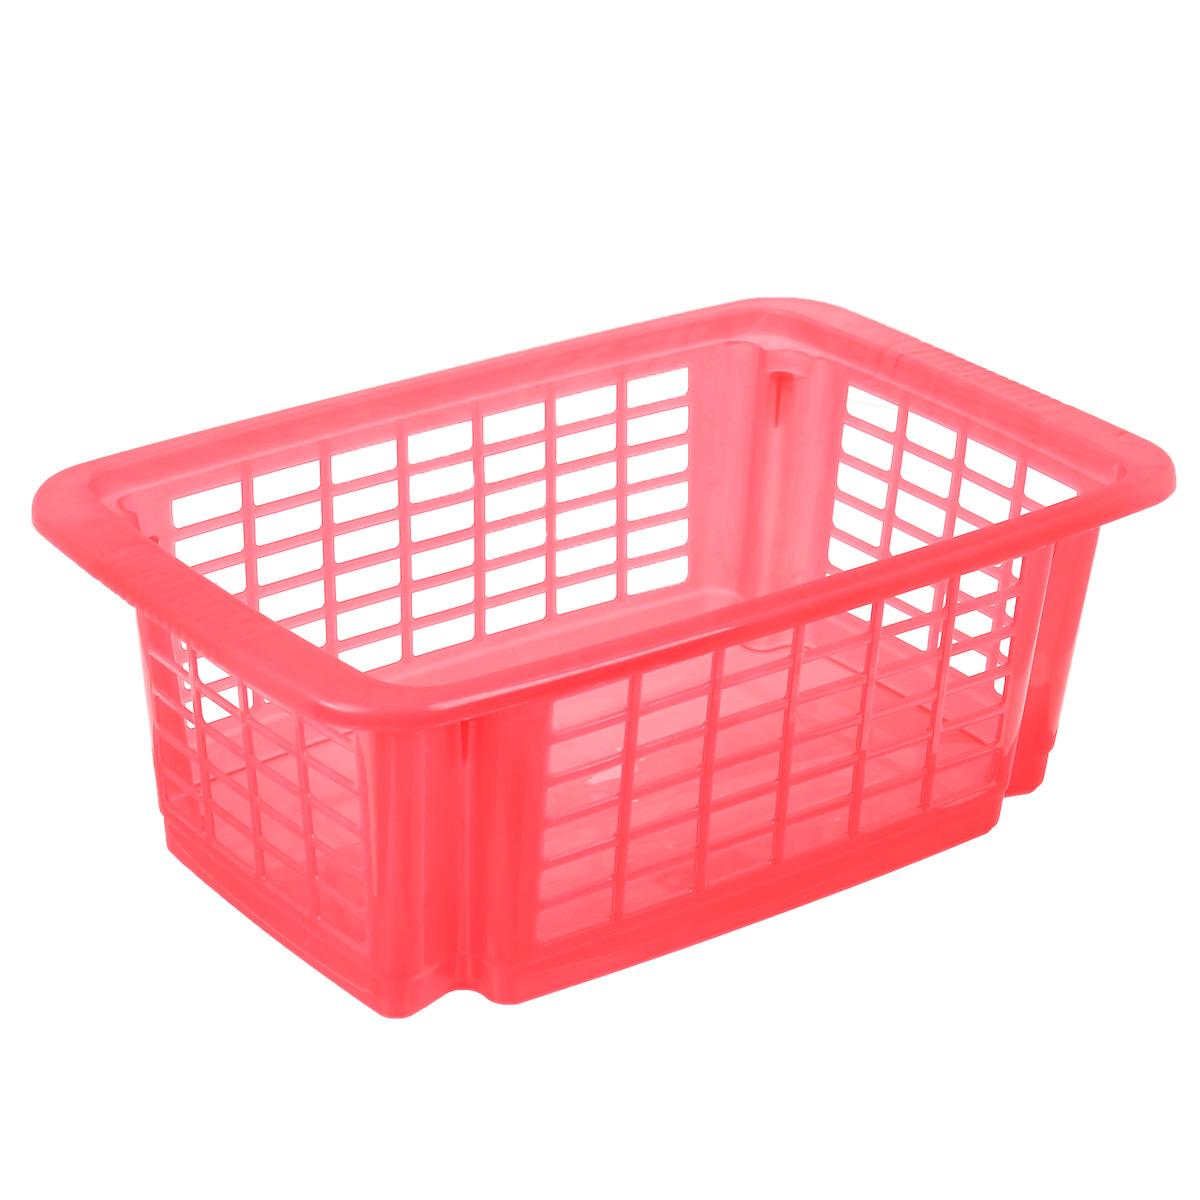 Корзина для хранения Dunya Plastik Стакер, цвет: красный, 12 л. 55075507Классическая корзина Dunya Plastik Стакер, изготовленная из пластика, предназначена для хранения мелочей в ванной, на кухне, даче или гараже. Позволяет хранить мелкие вещи, исключая возможность их потери. Это легкая корзина со сплошным дном и перфорированными стенками. Корзина имеет специальные выемки внизу и вверху, позволяющие устанавливать корзины друг на друга.